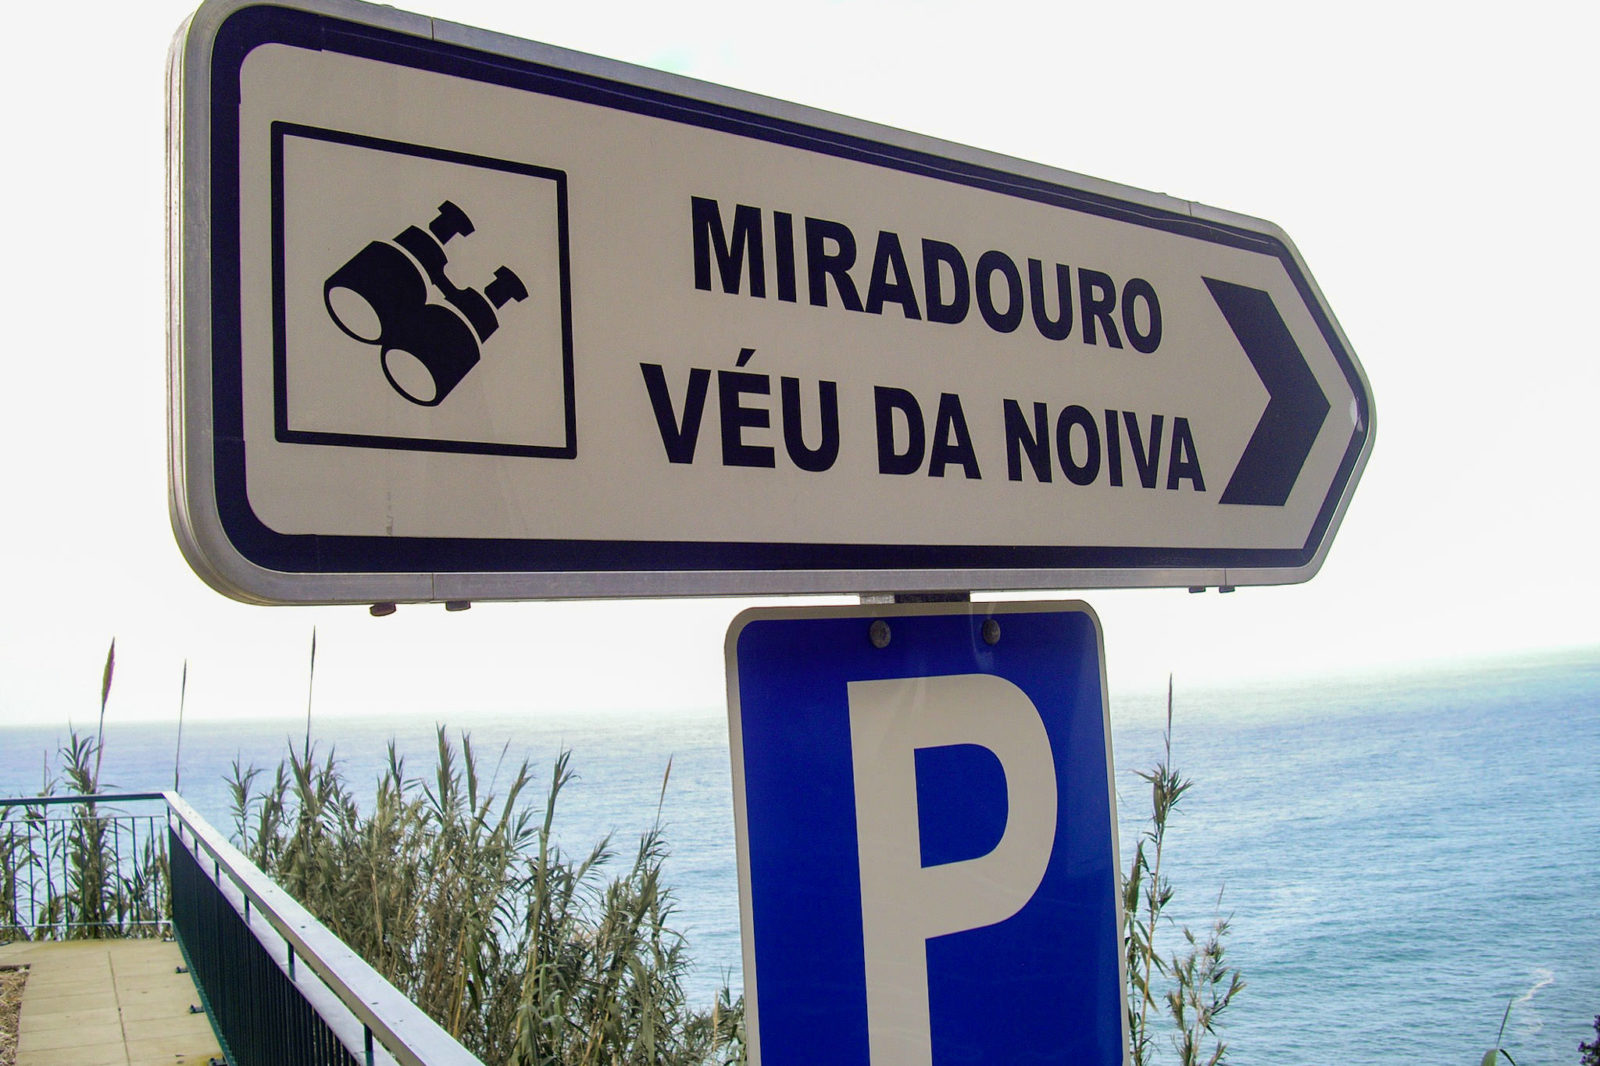 Указатель (фото: Rota dos Miradouros Madeira)